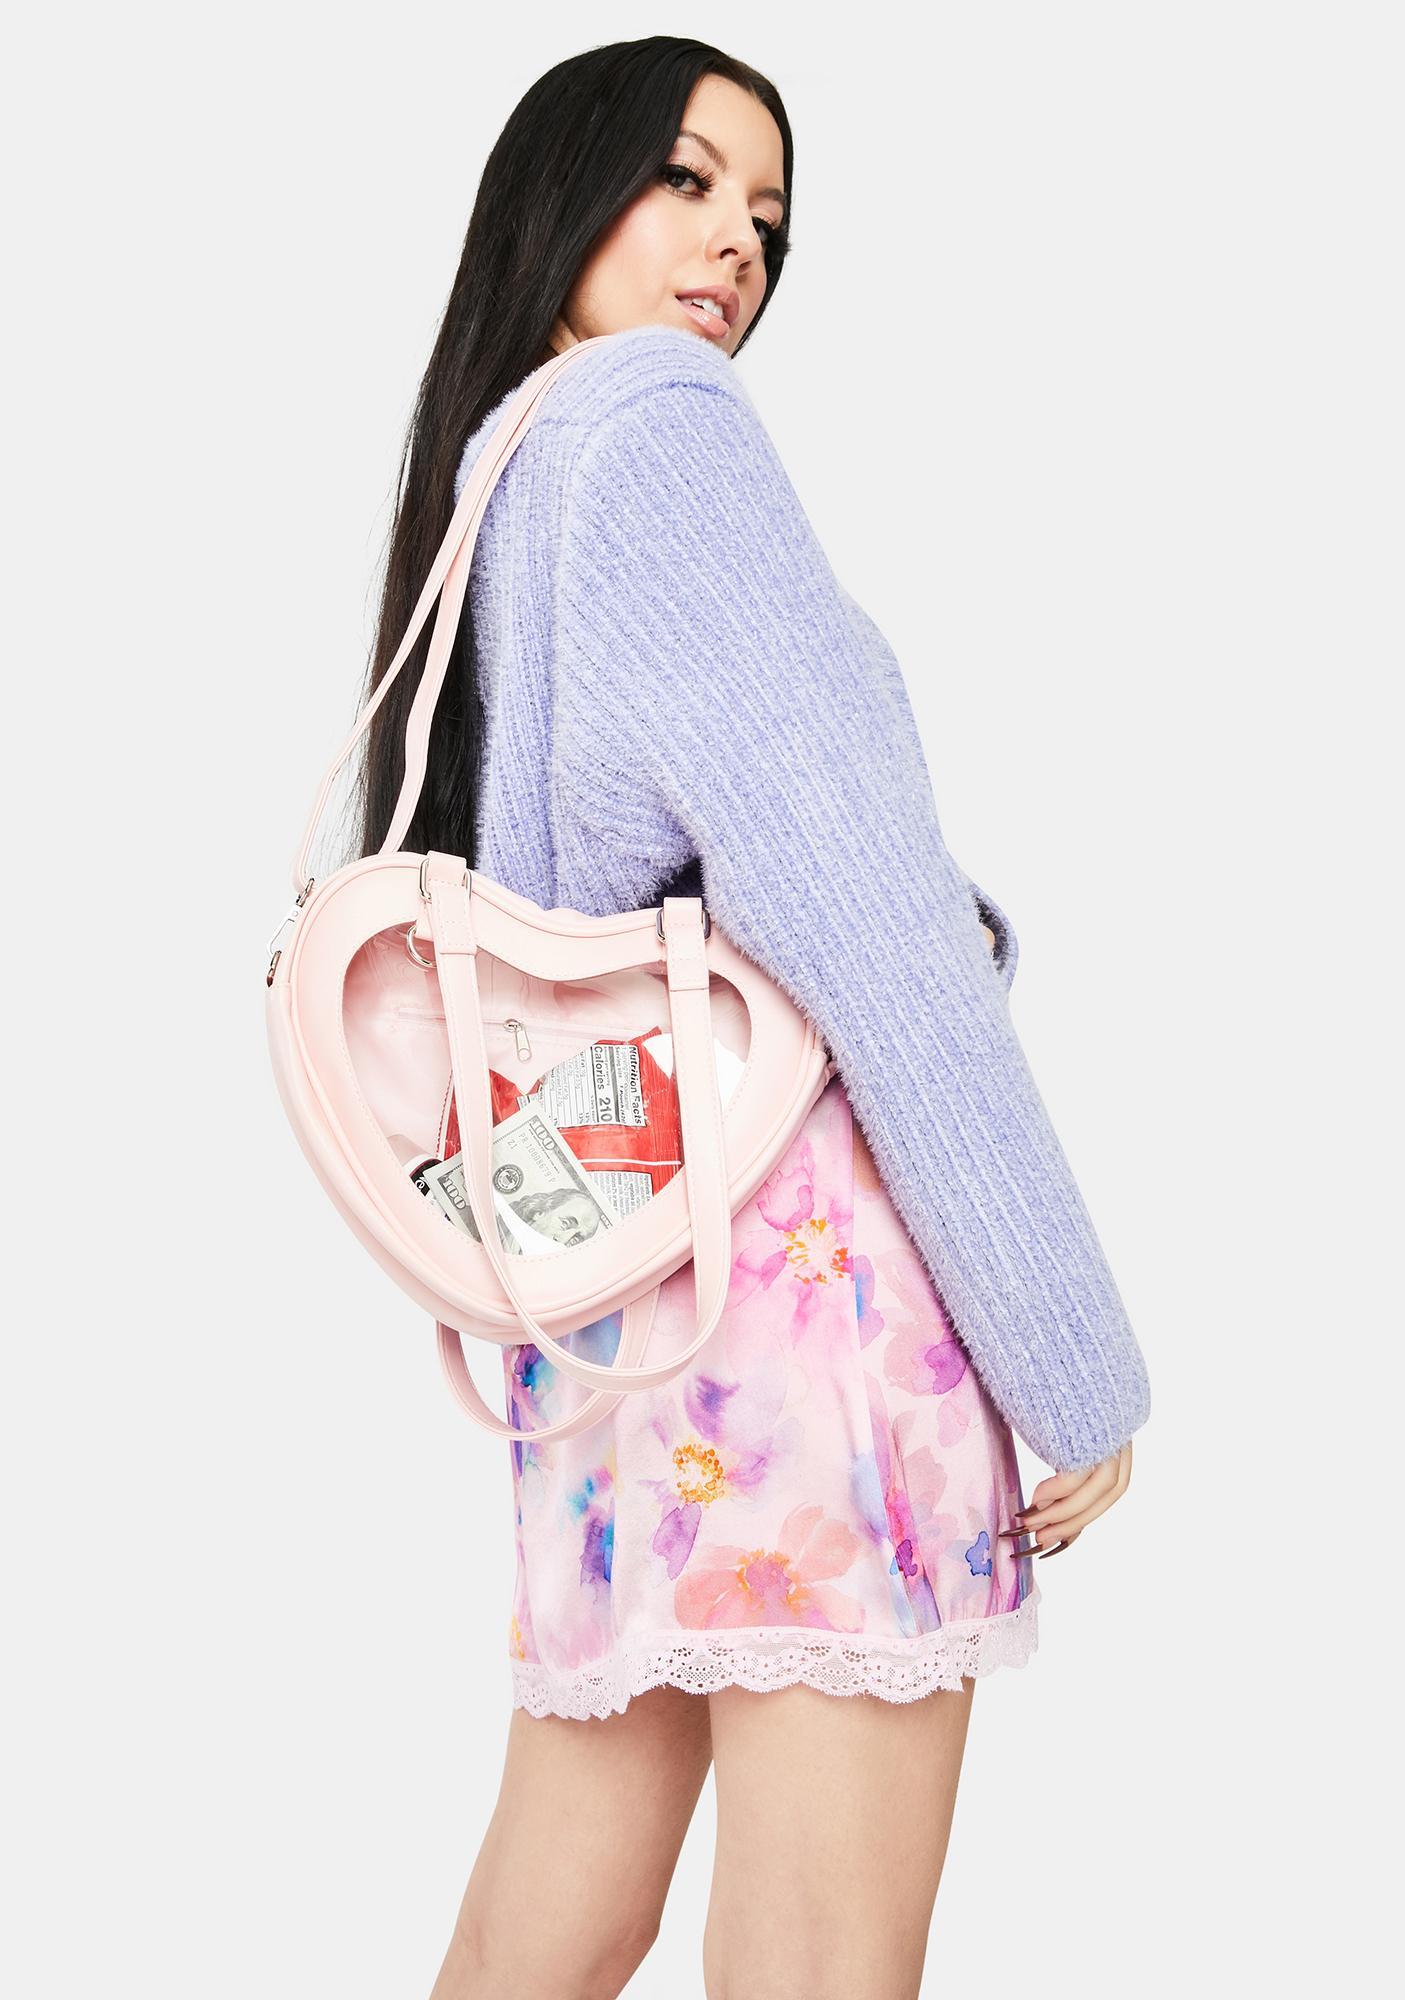 Blush Eternally Yours Heart Shoulder Bag